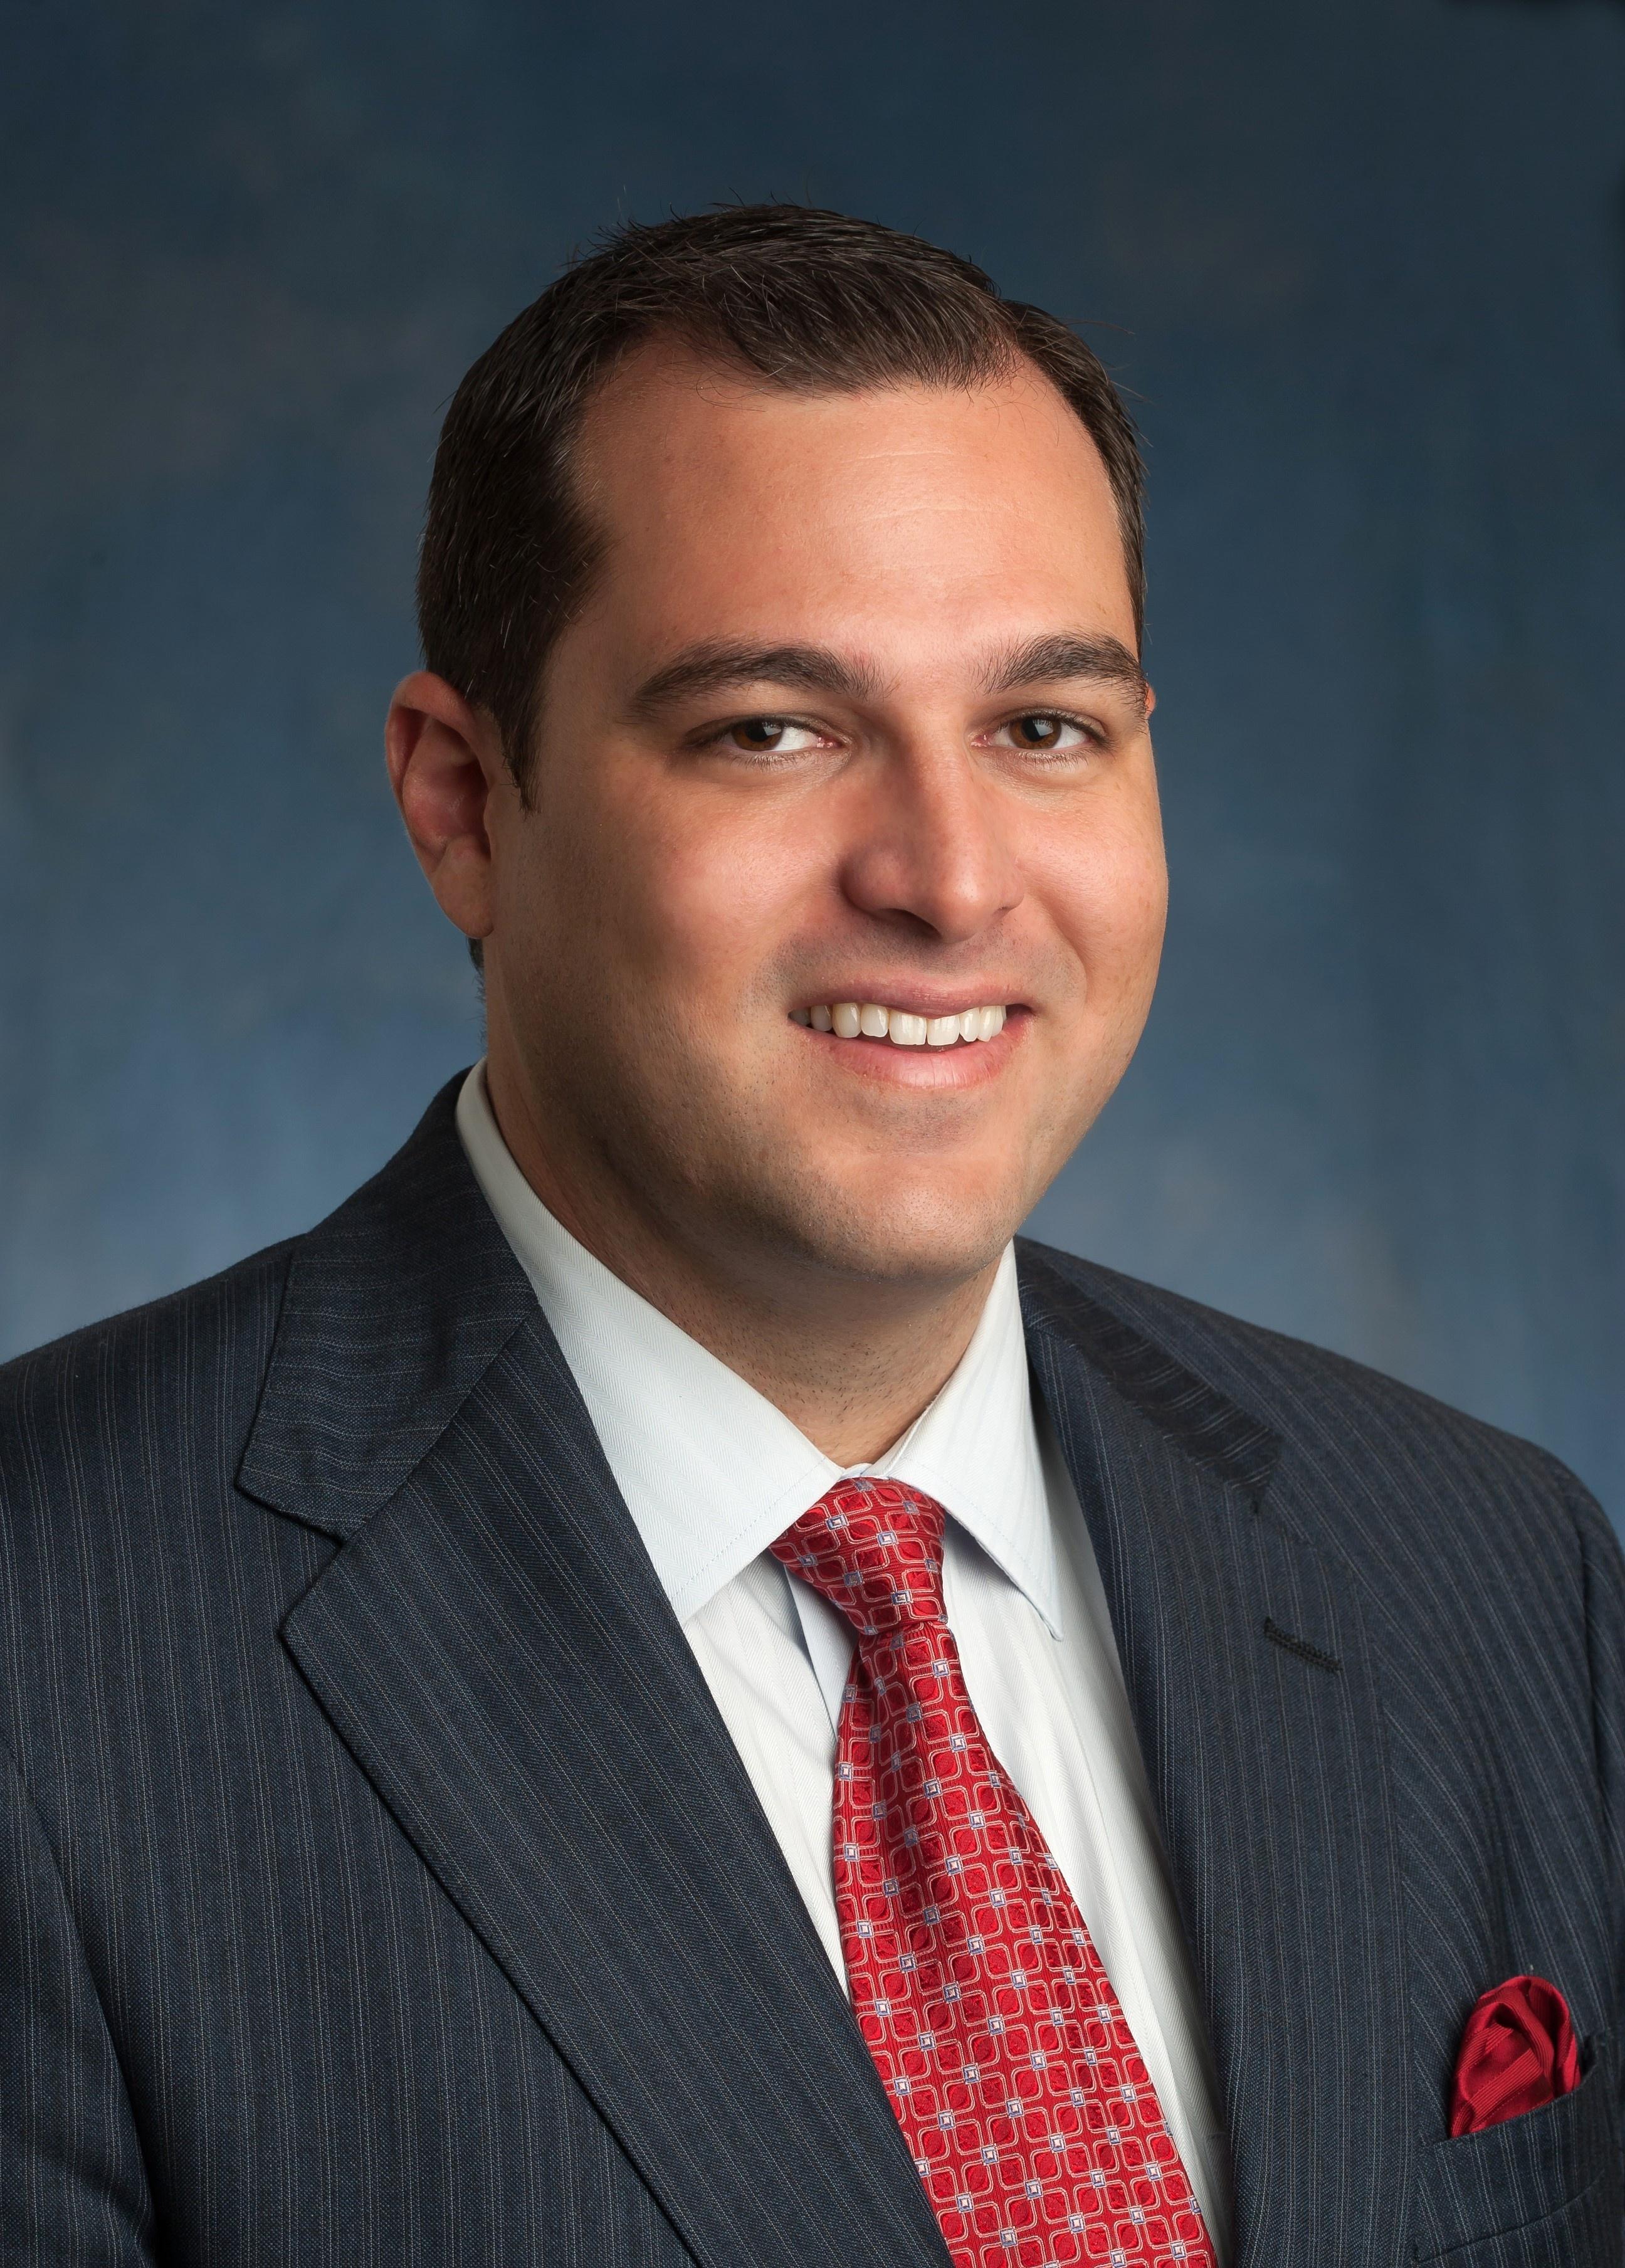 Thomas A. Jimenez, Jr.